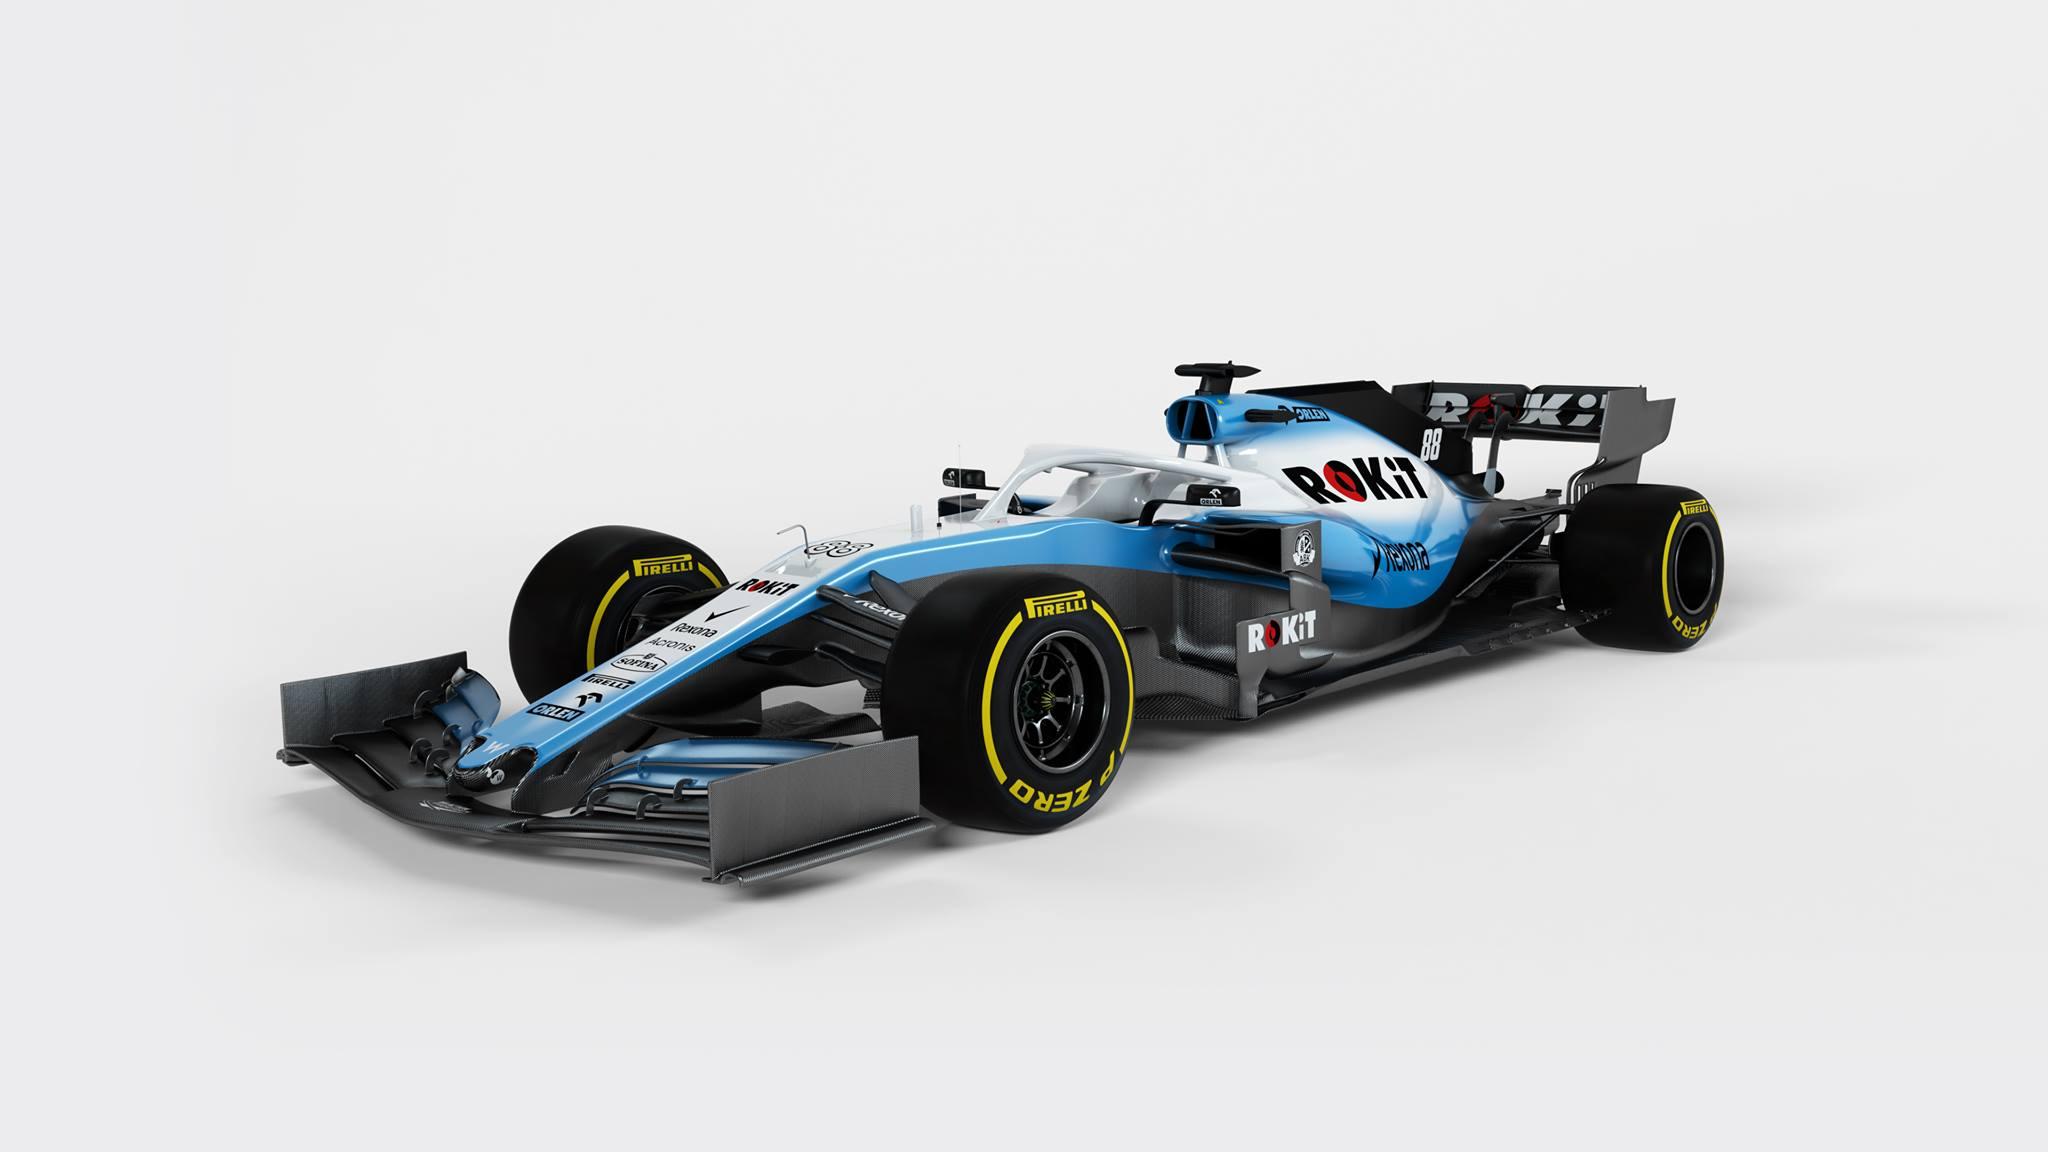 2019 Williams F1